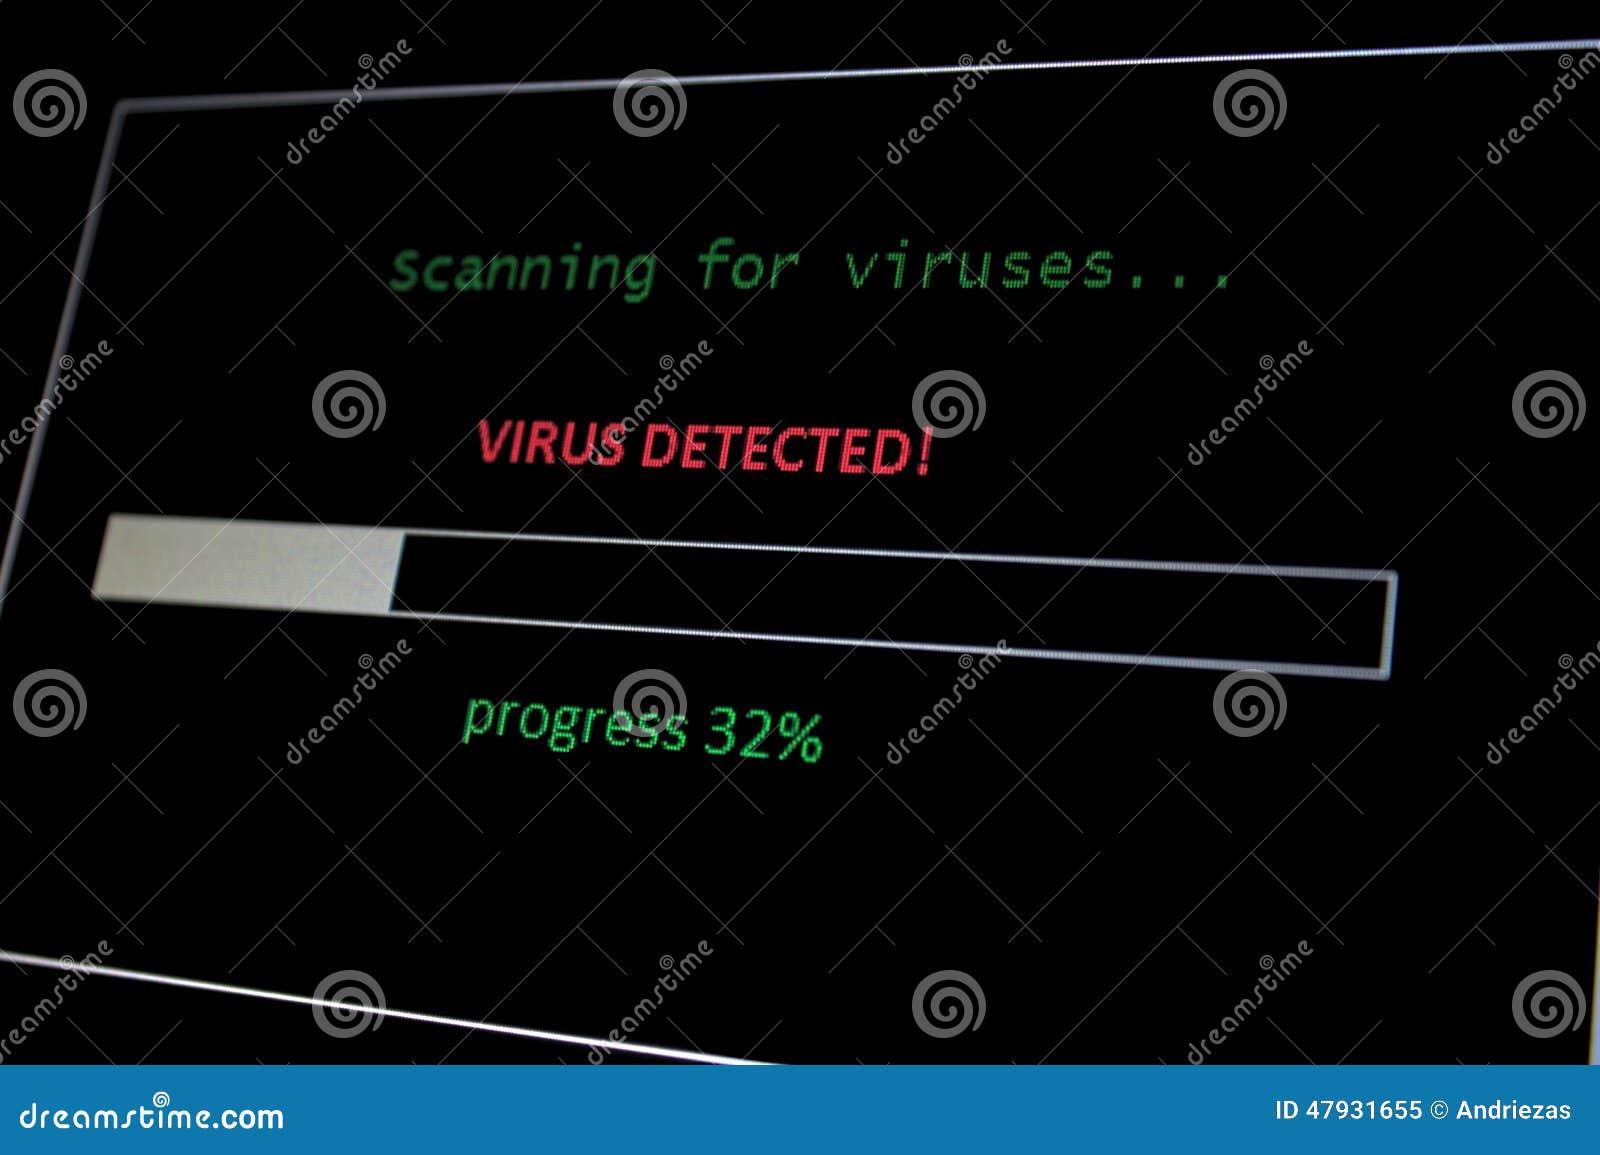 Scan For Virus Virus Detected Stock Photo Image 47931655